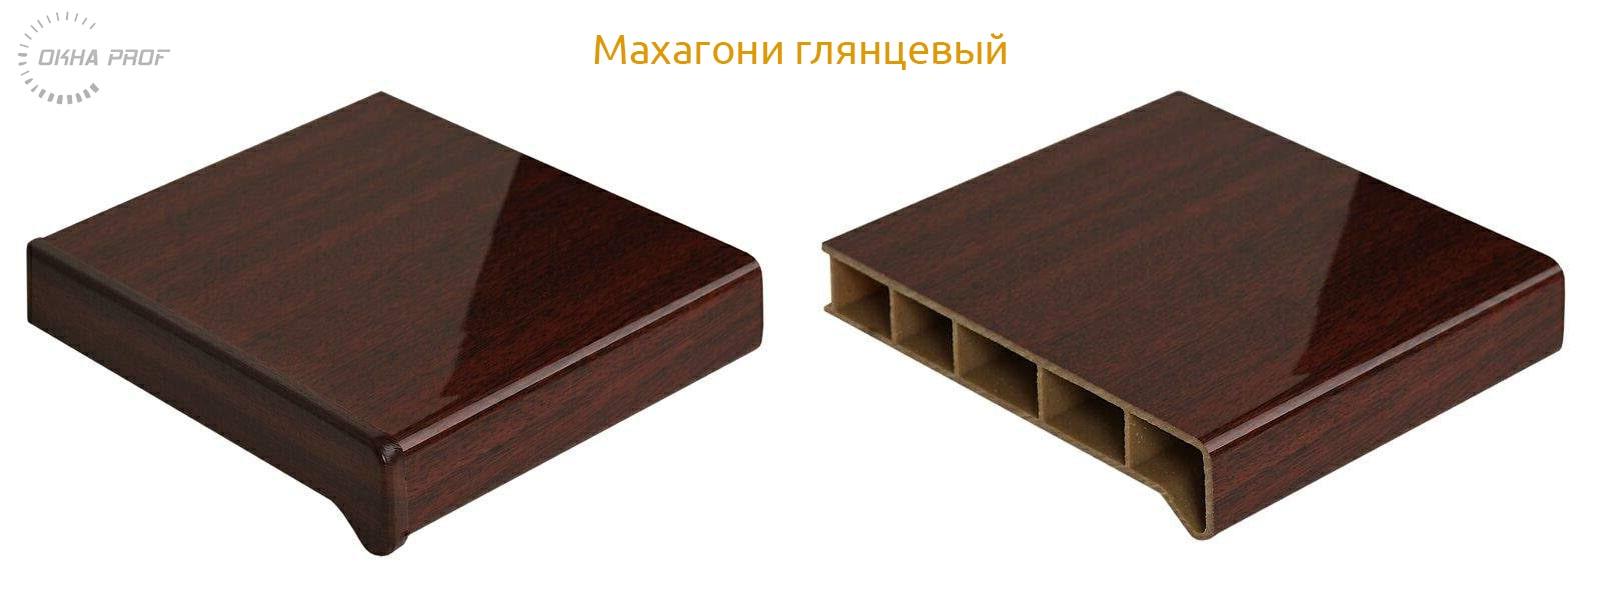 podokonnik-decor-donetsk-oknaprof-moeller-013